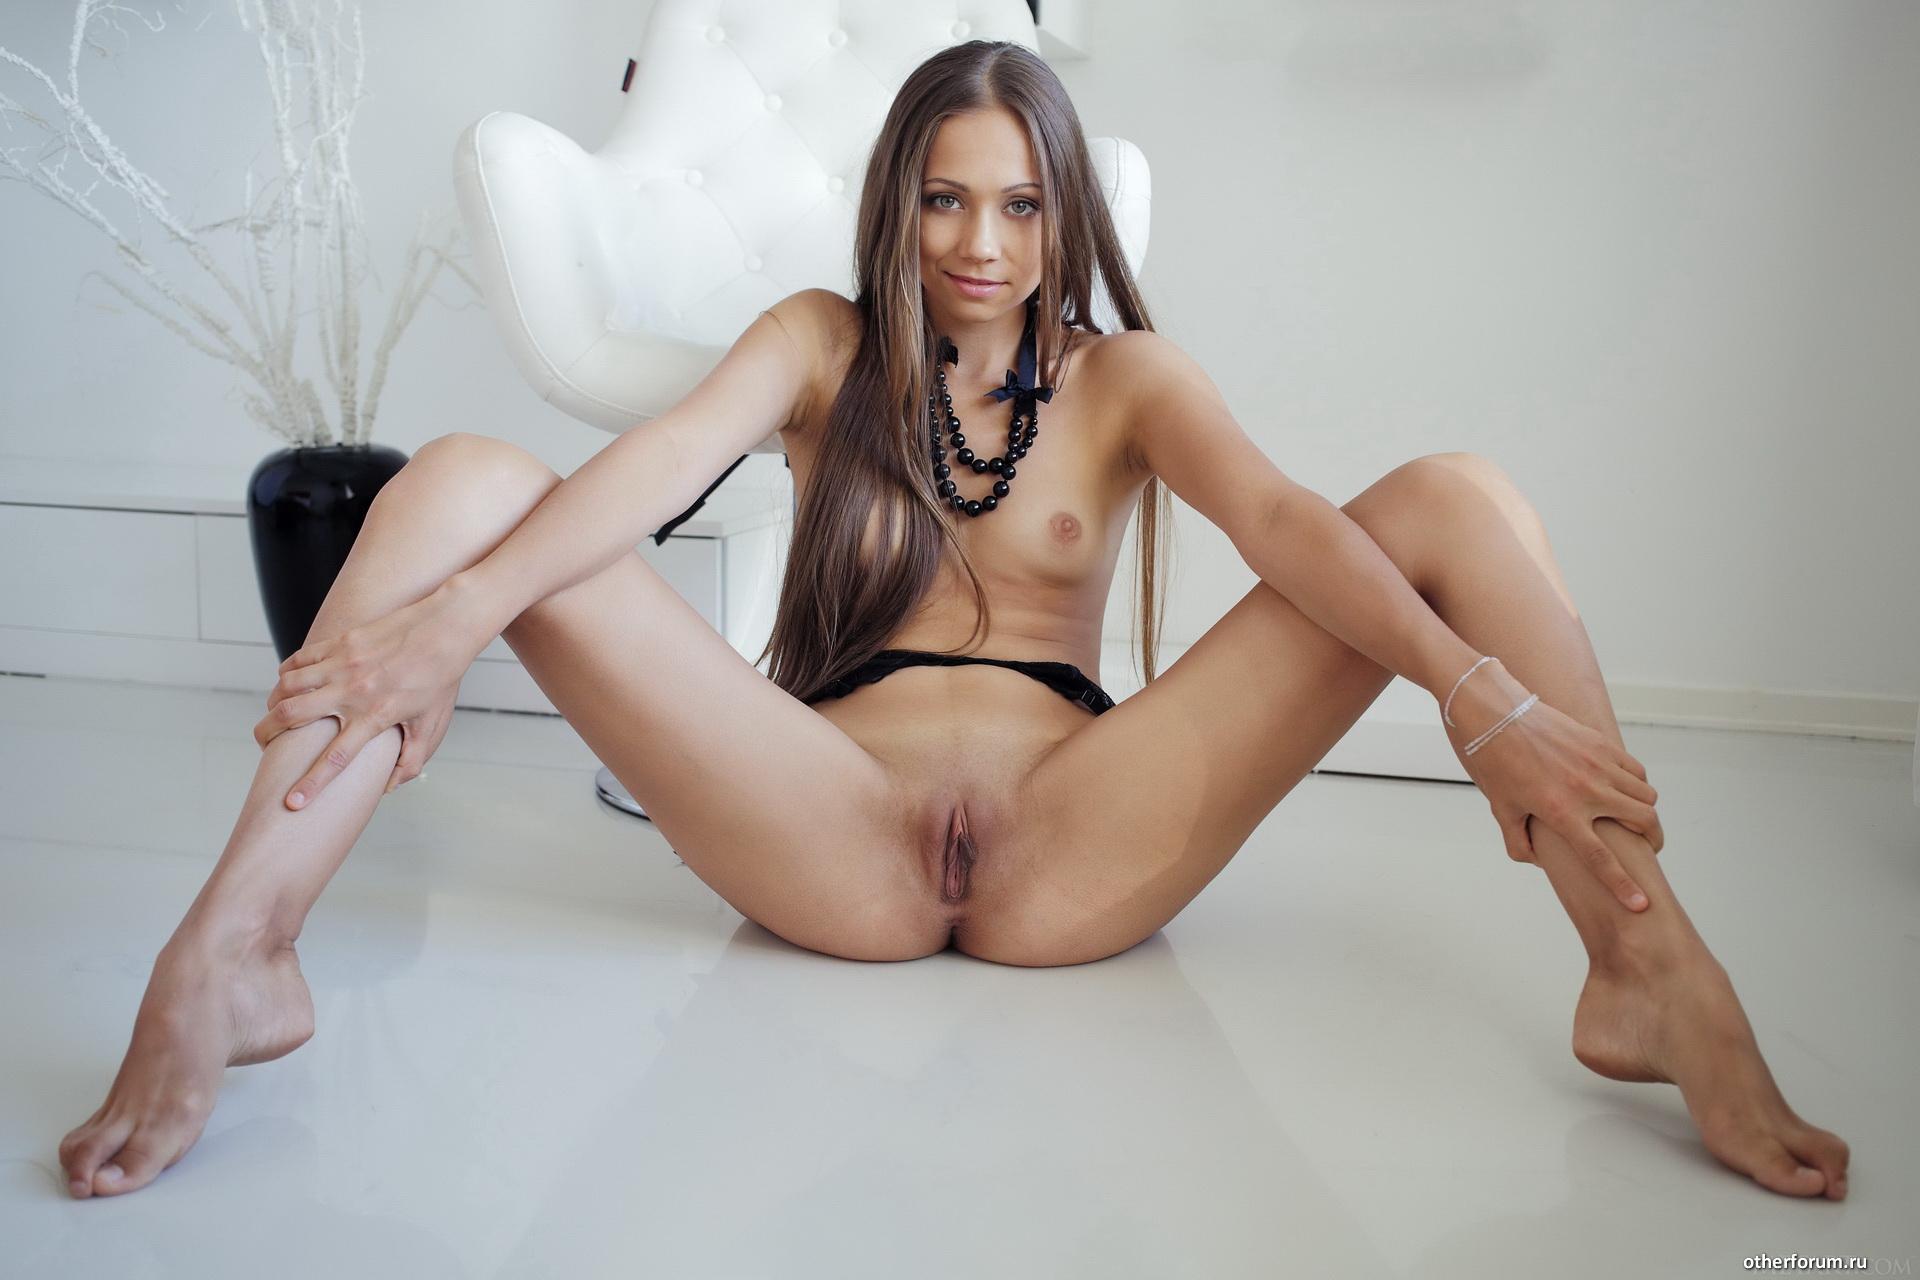 стройные девки раздвигают ноги откладывая долгий ящик